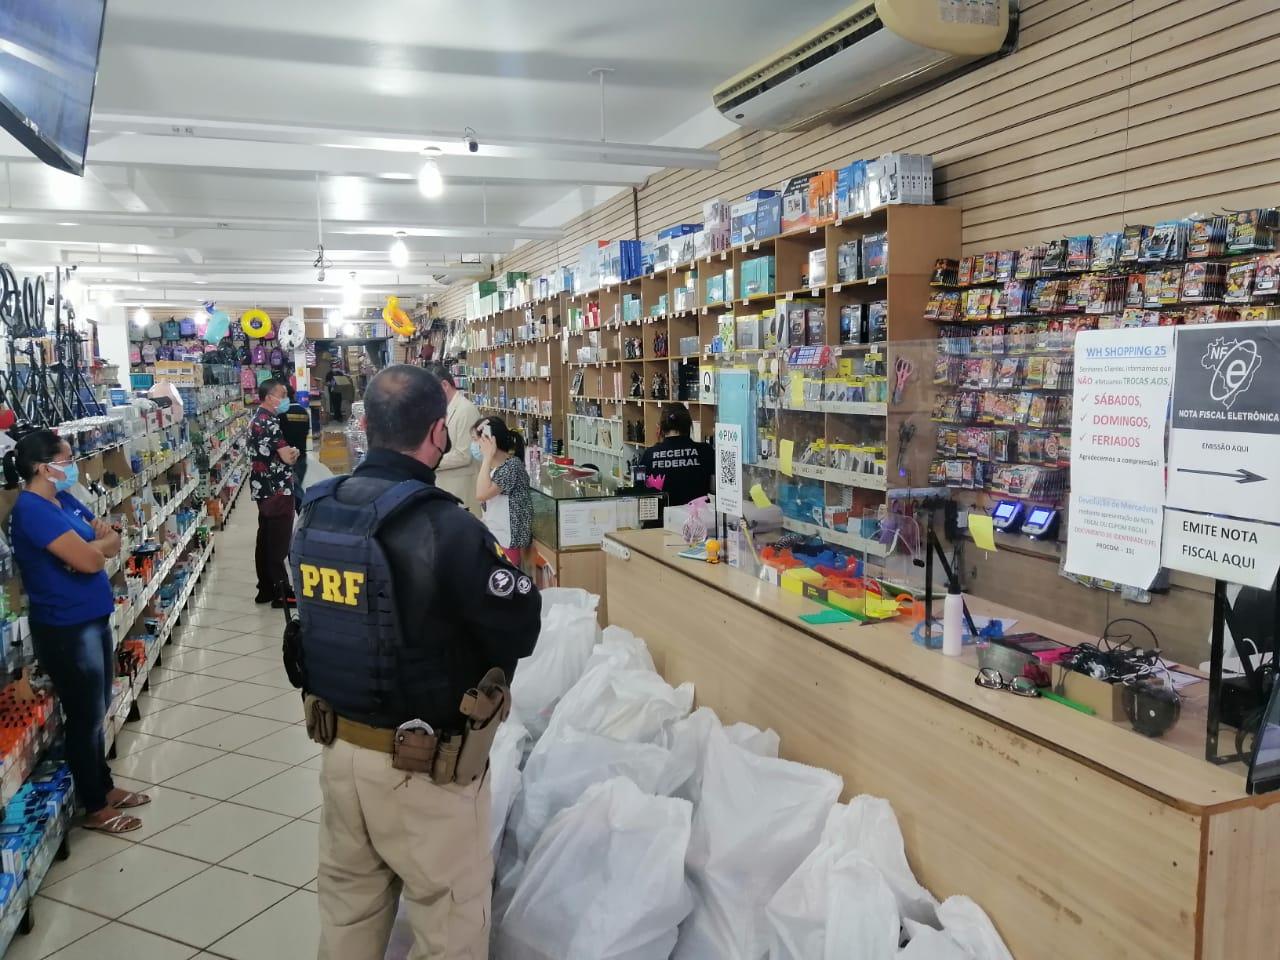 Em Porto Velho/RO, PRF e Receita Federal realizam operação de repreensão ao contrabando e descaminho